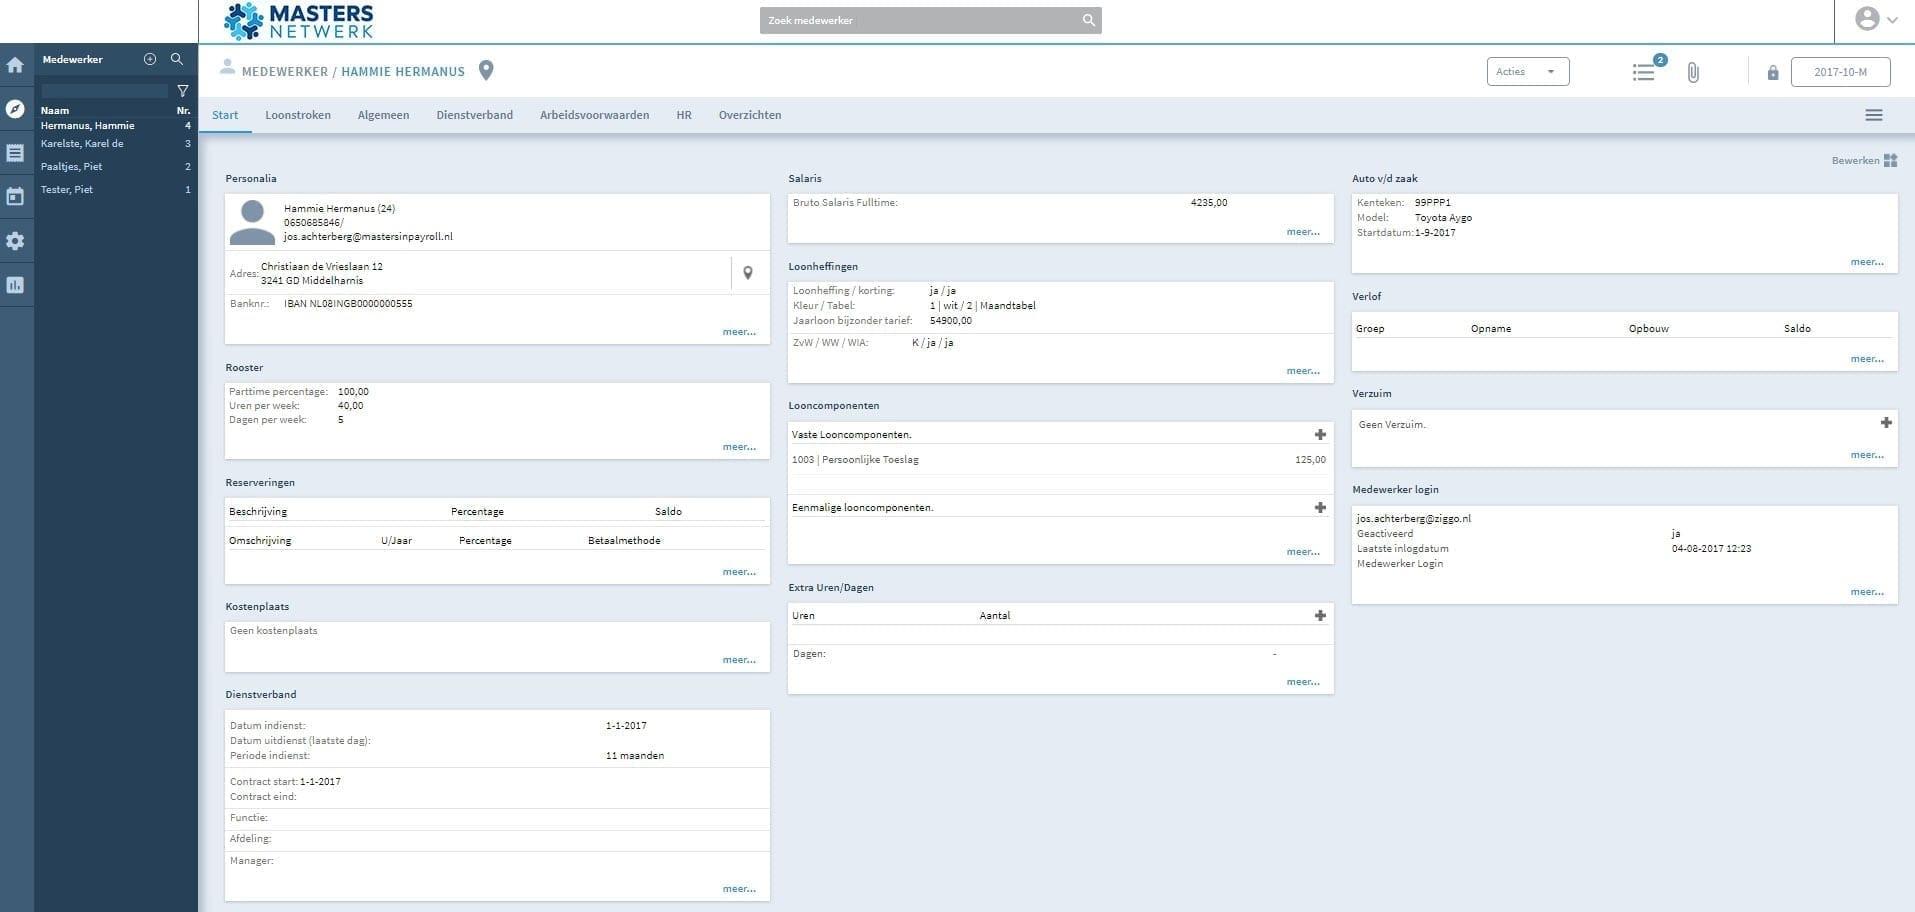 overzicht info per medewerker salaris en personeelsportal managers